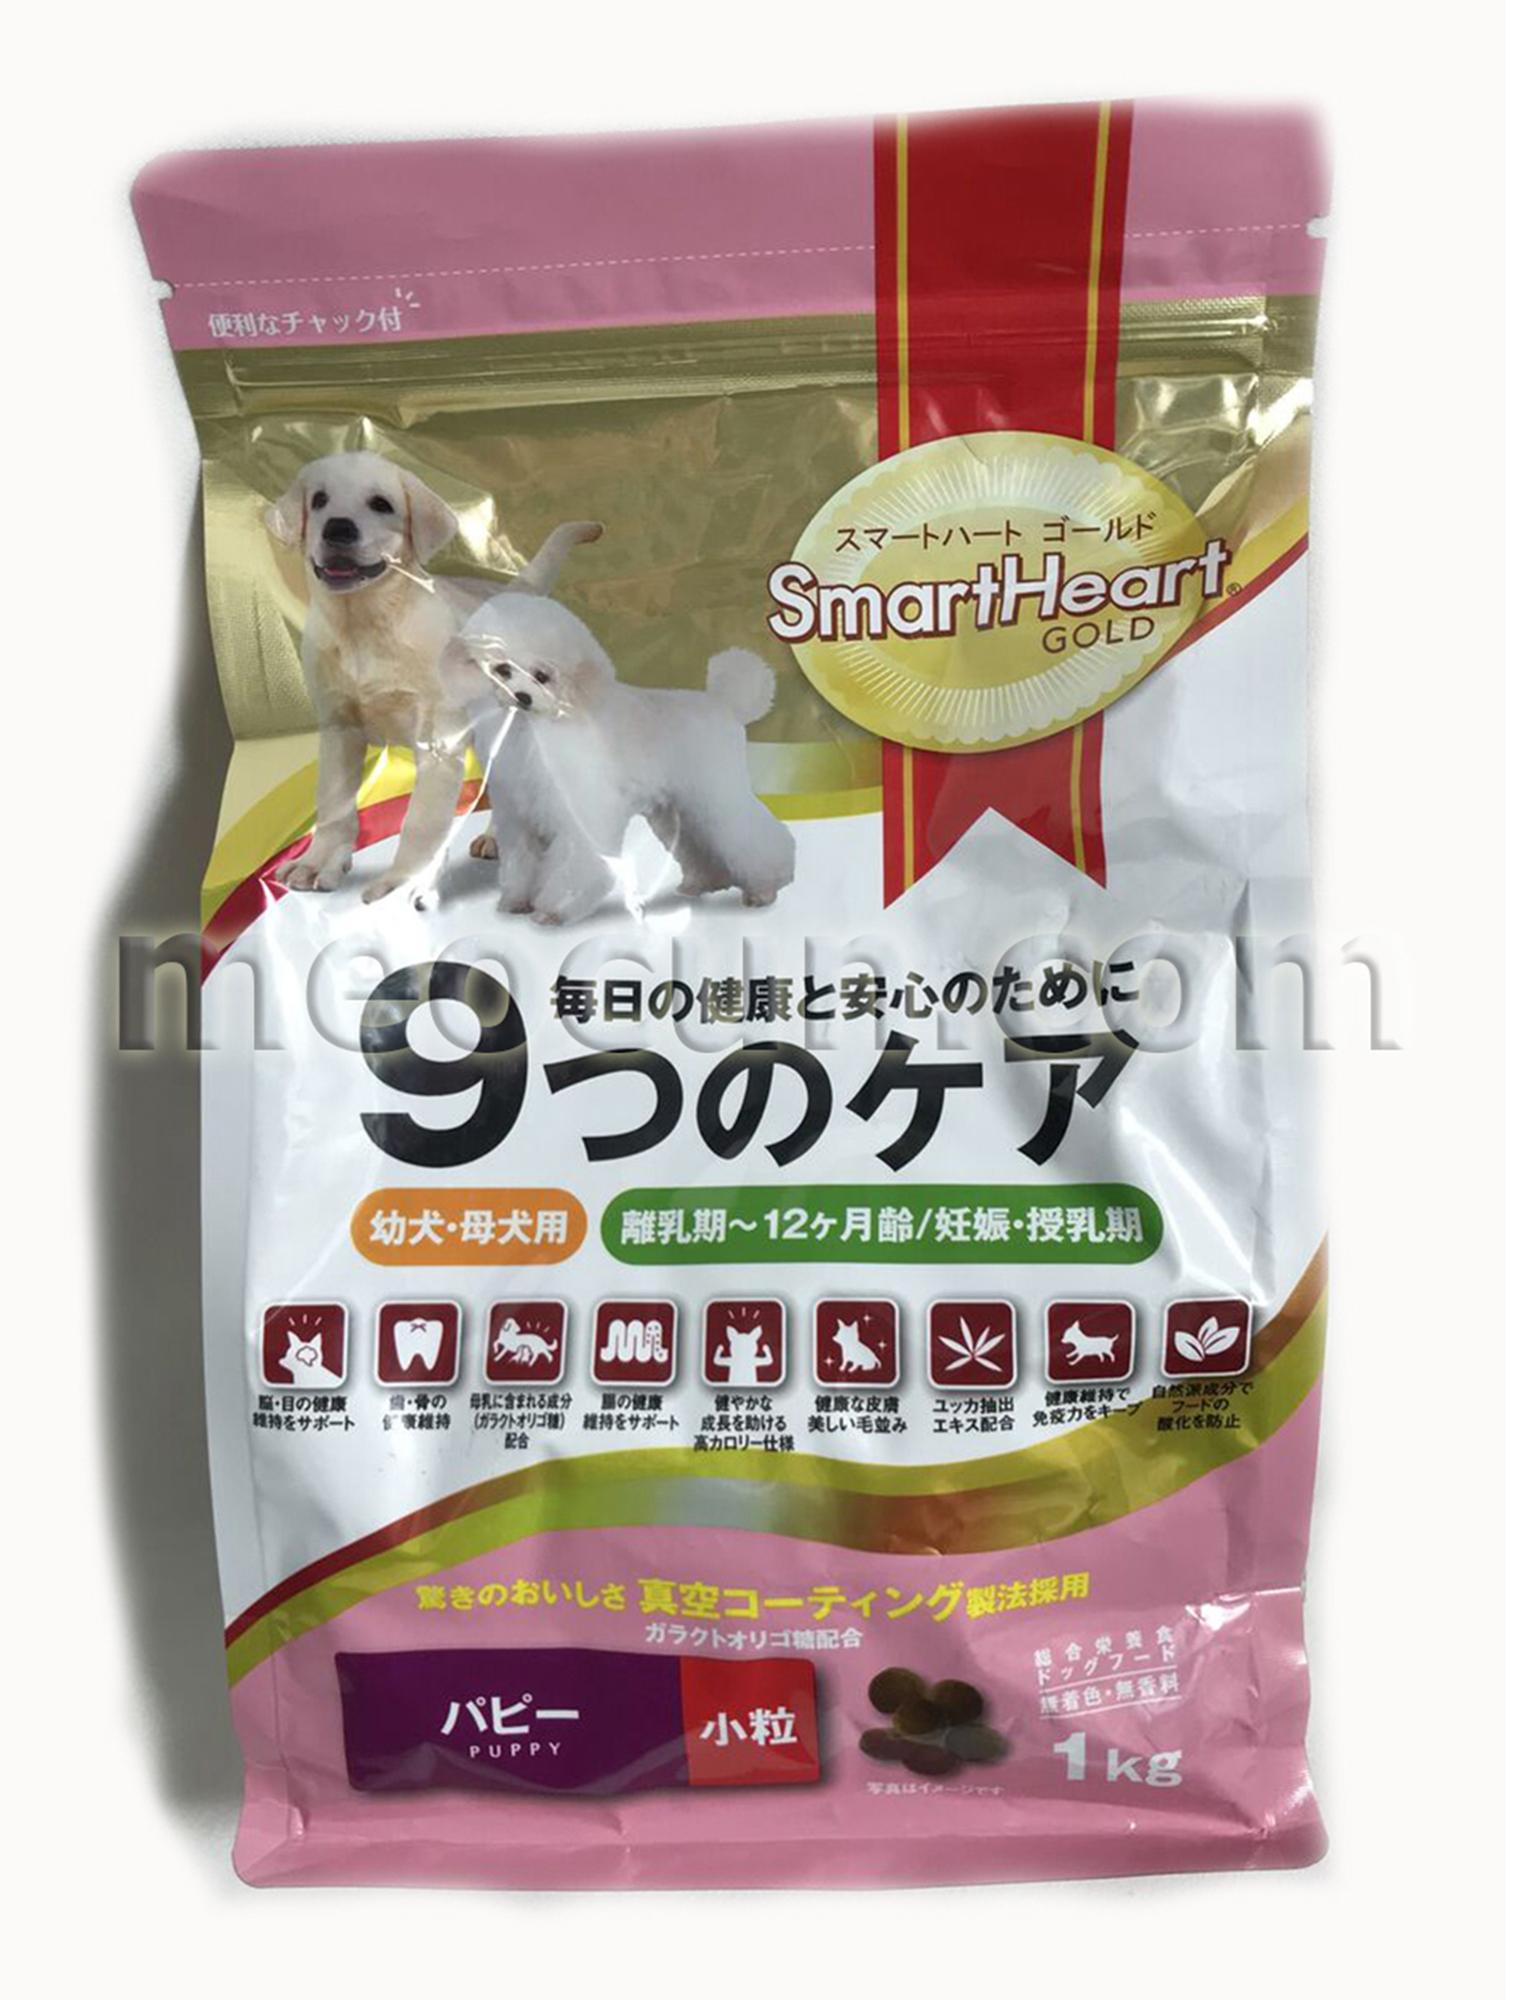 thức ăn smartheart goal cho chó con - thức ăn cho chó meocun.com